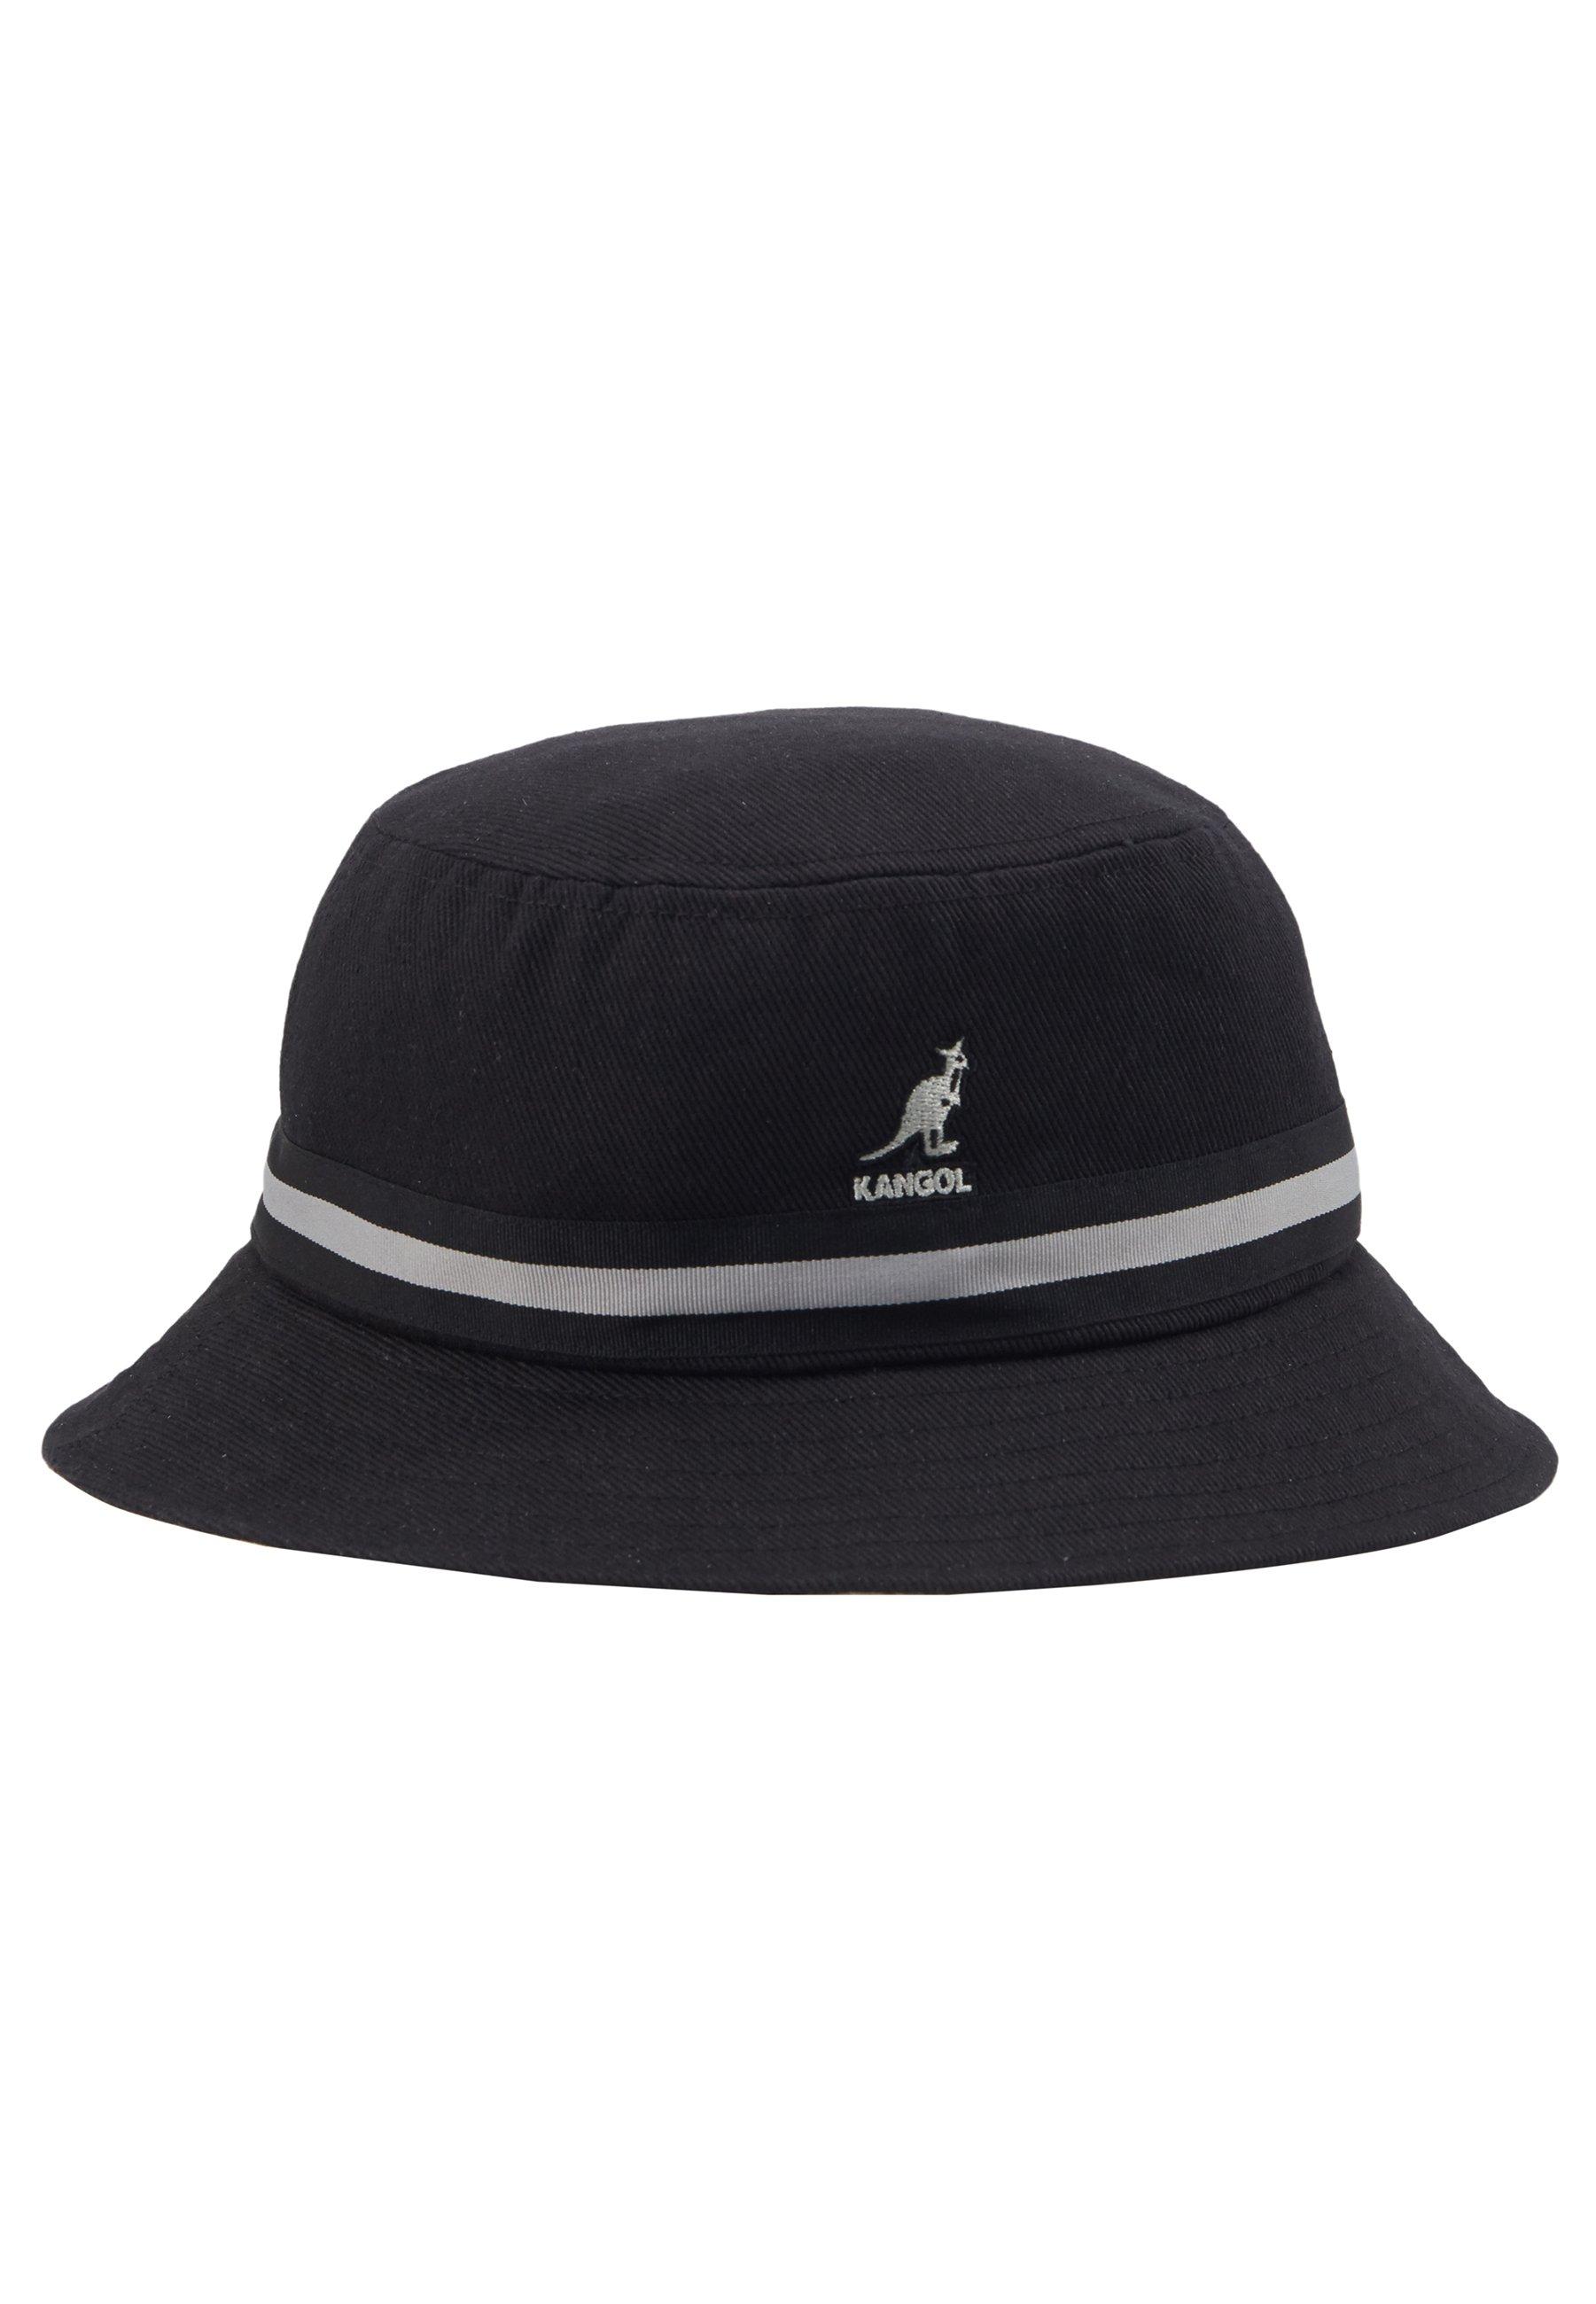 Kangol STRIPE LAHINCH - Hatt - black/svart 68jR7fuYaxhv6pH